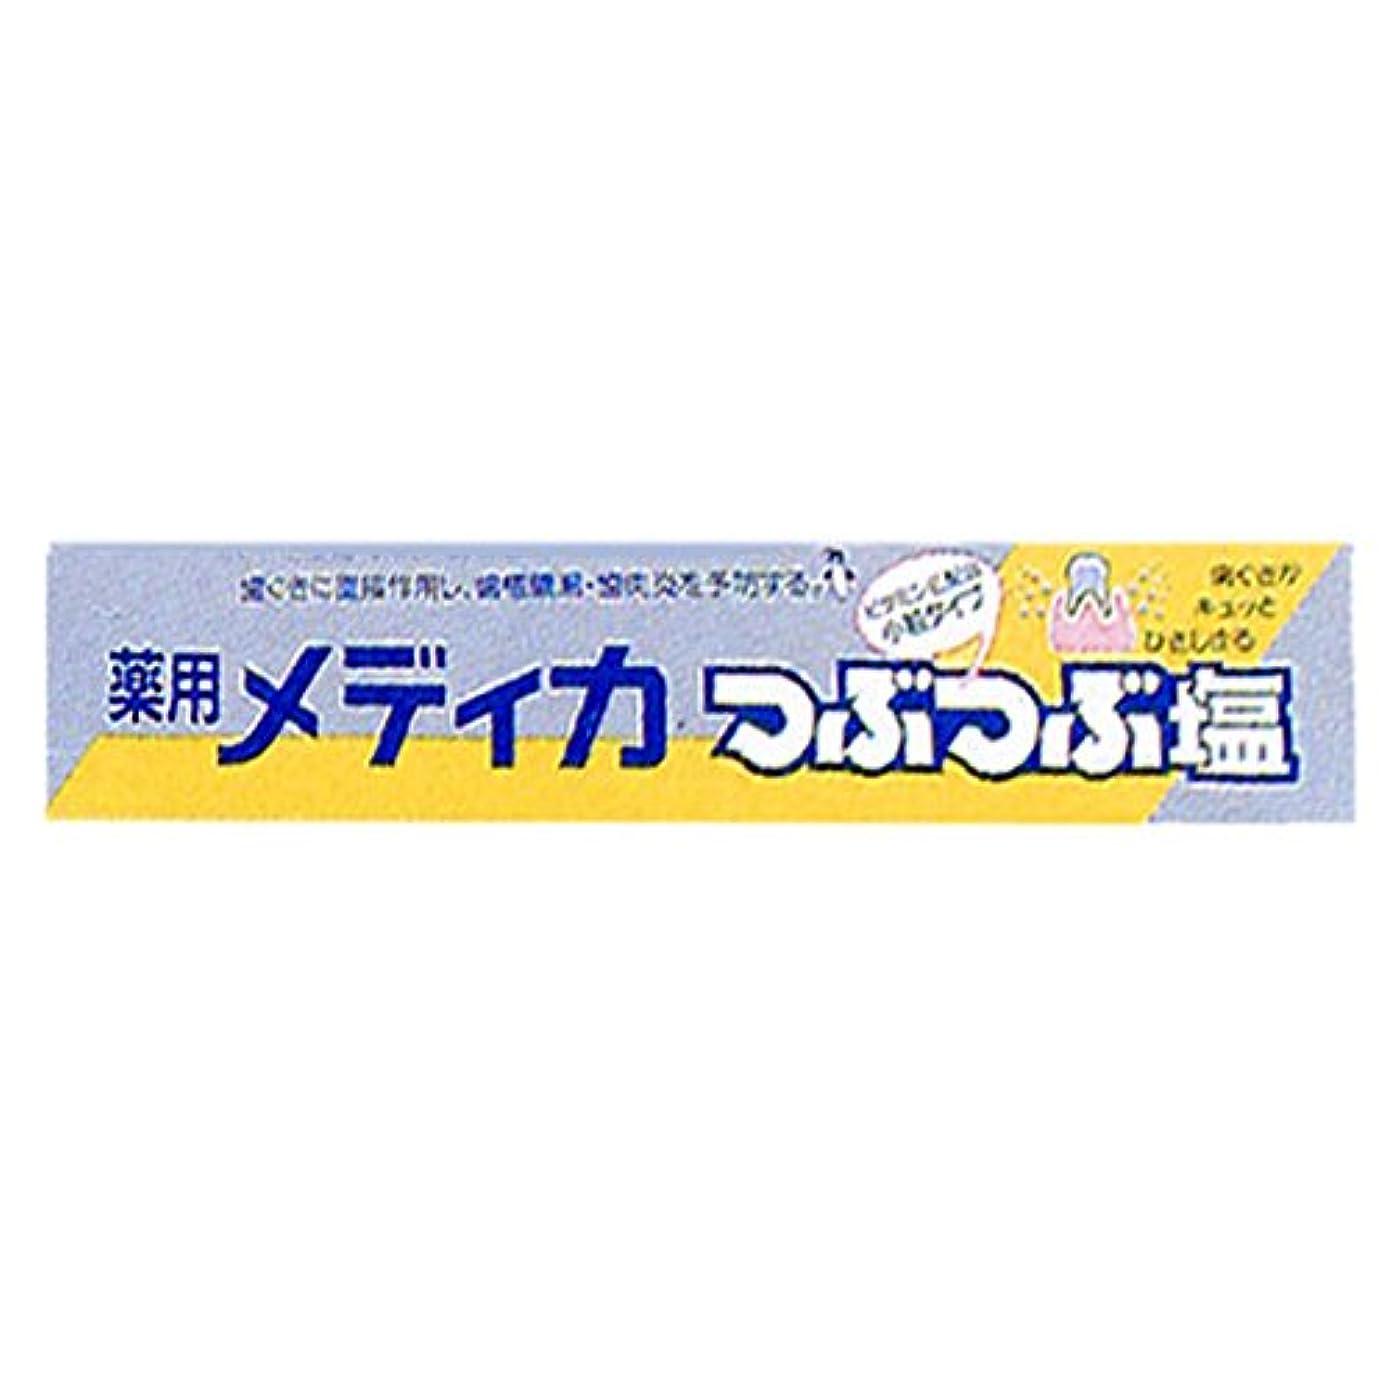 間欠有名人に対処する薬用メディカつぶつぶ塩 170g